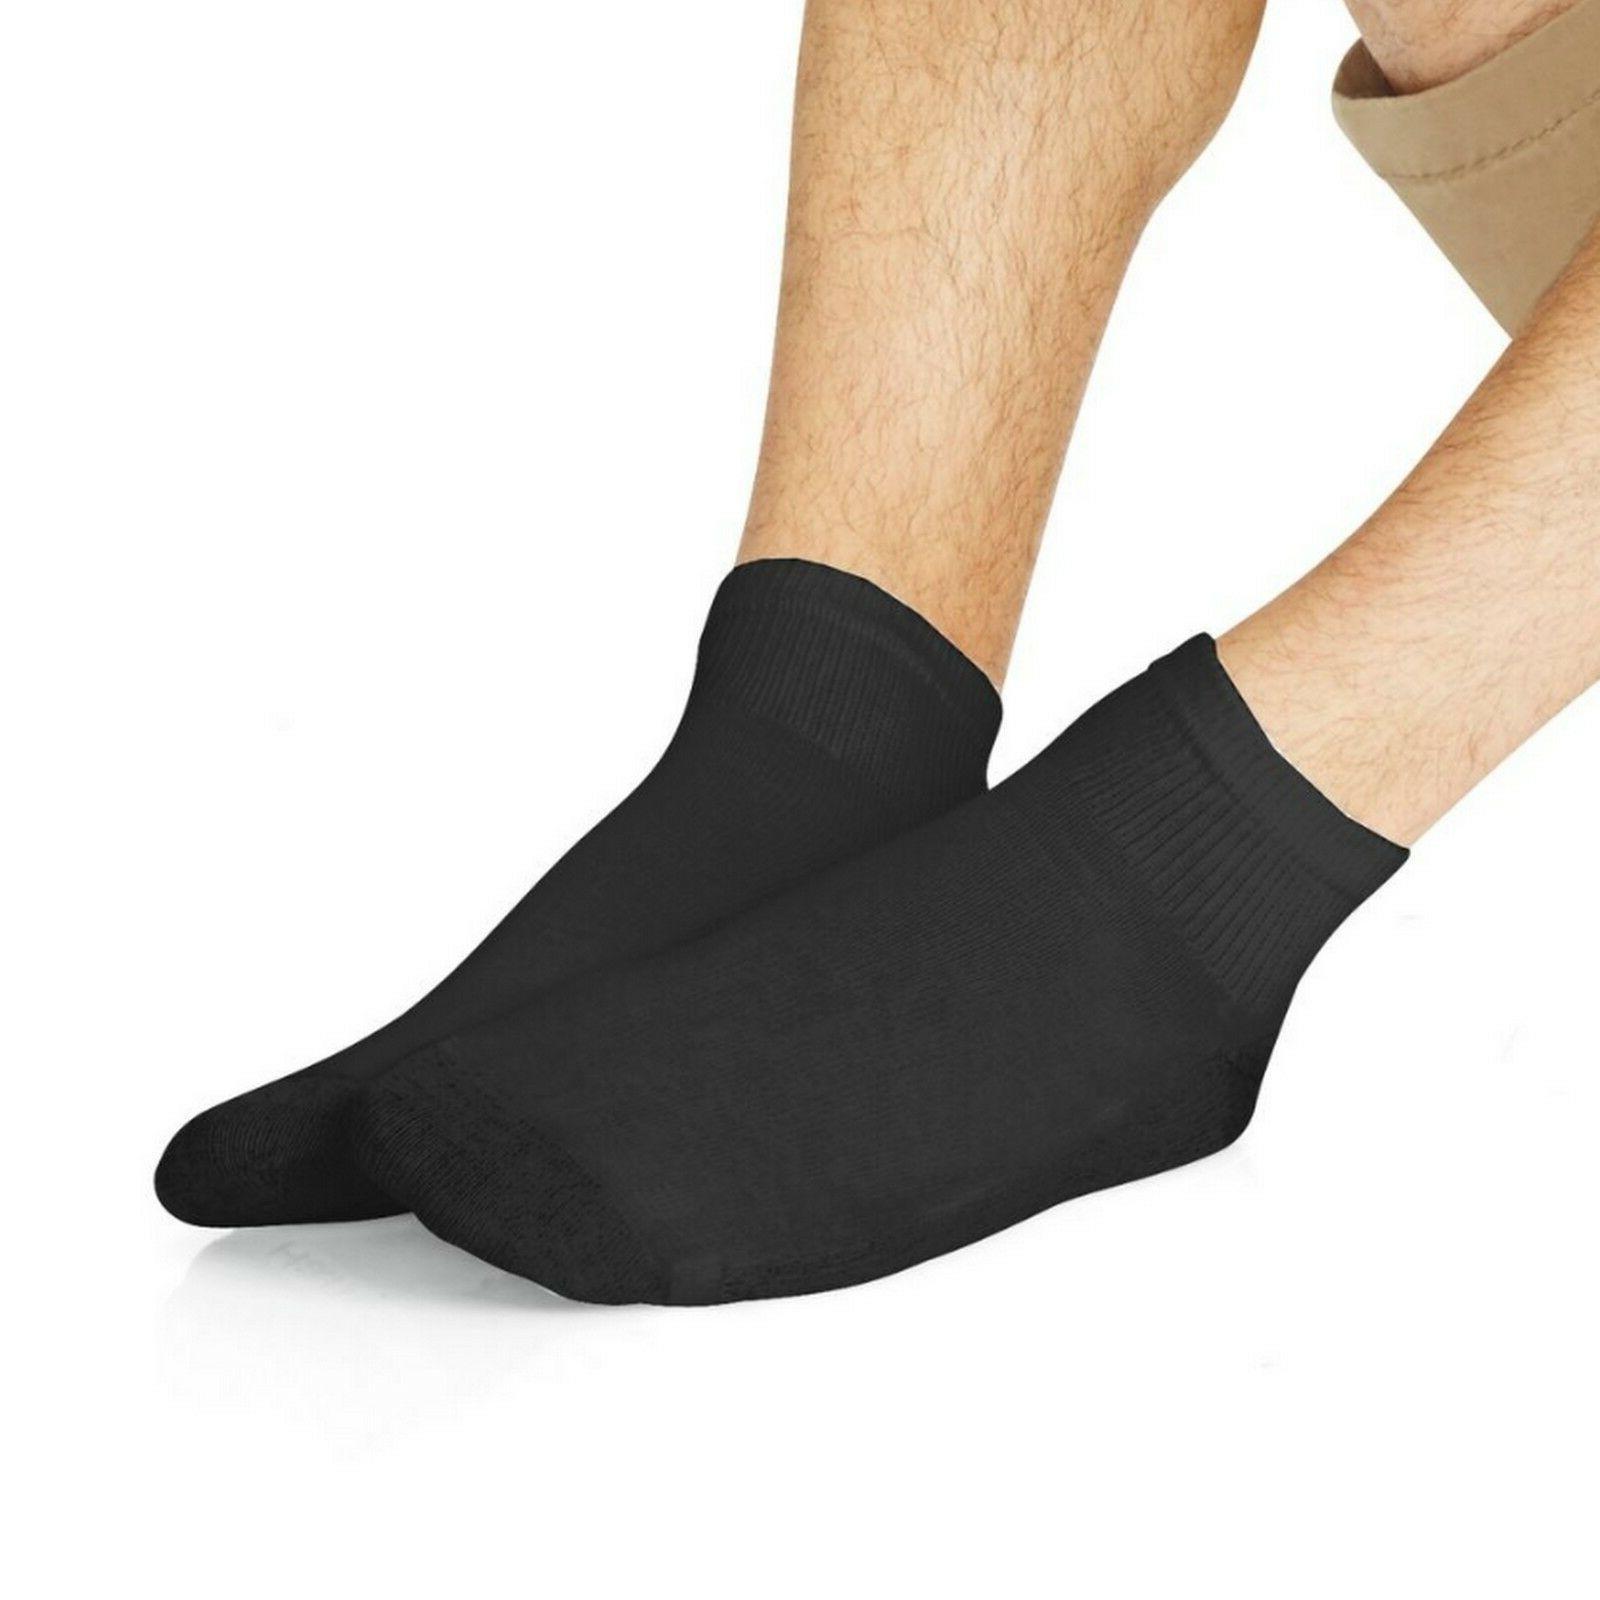 186v12 ankle socks